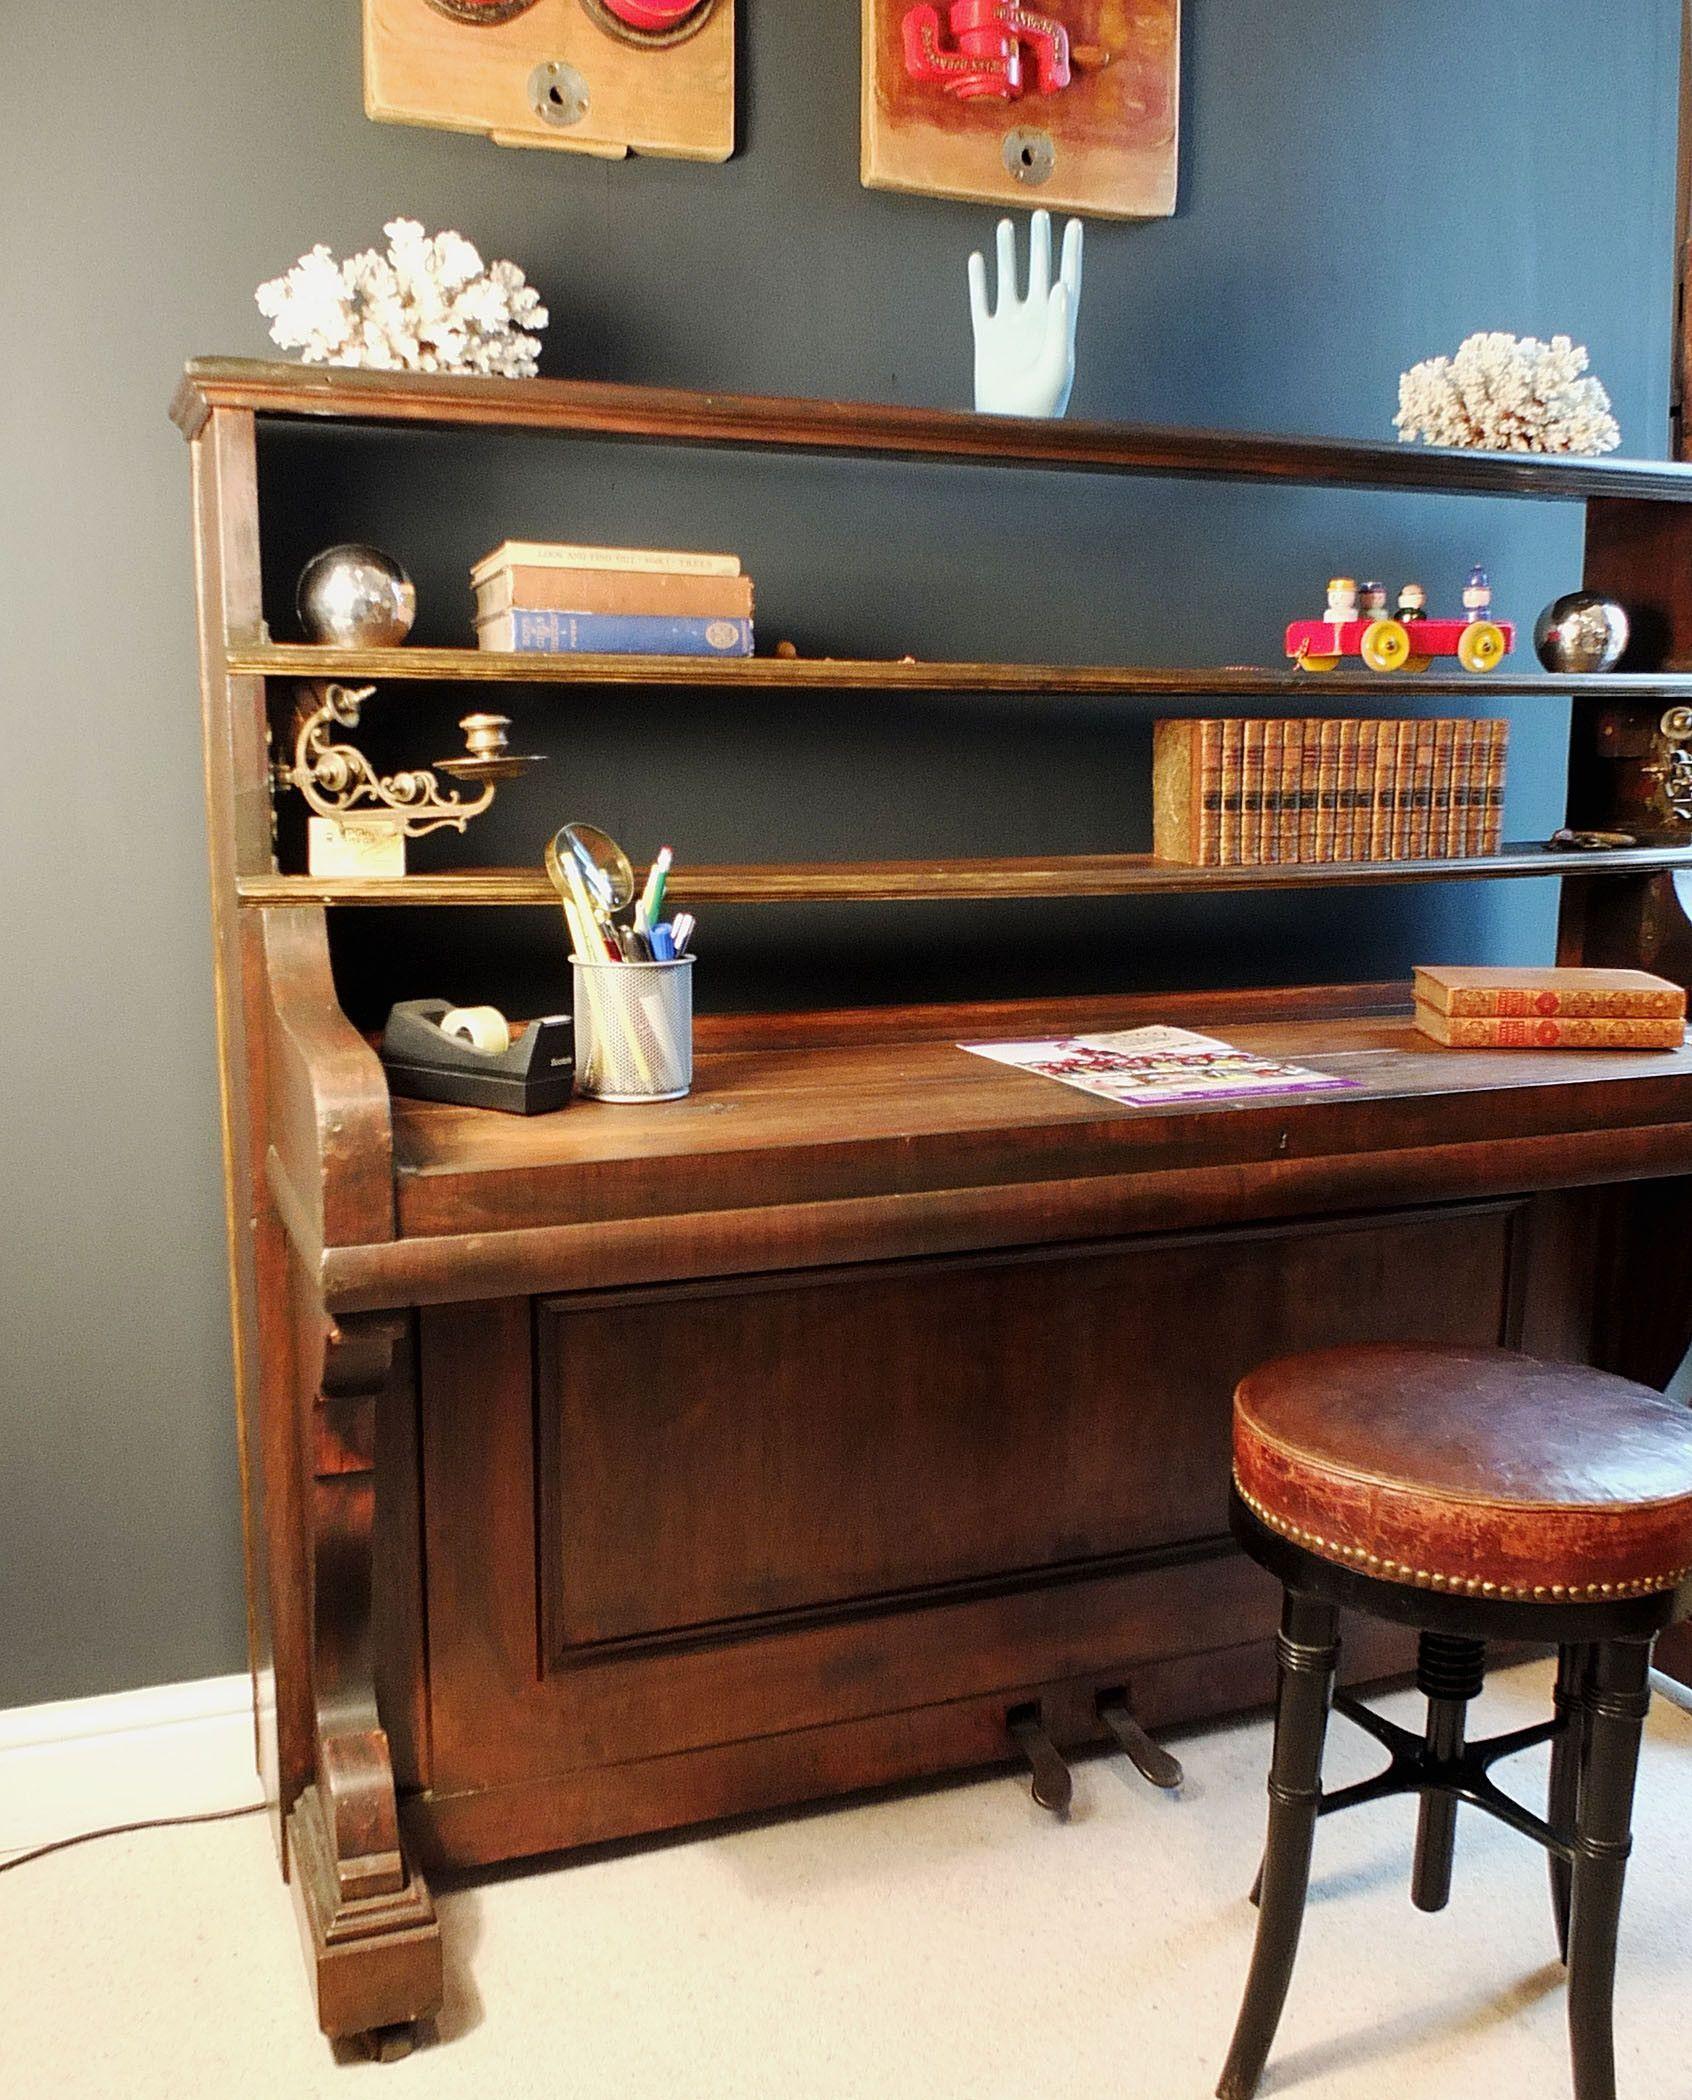 Converted Upright Piano - Desk …